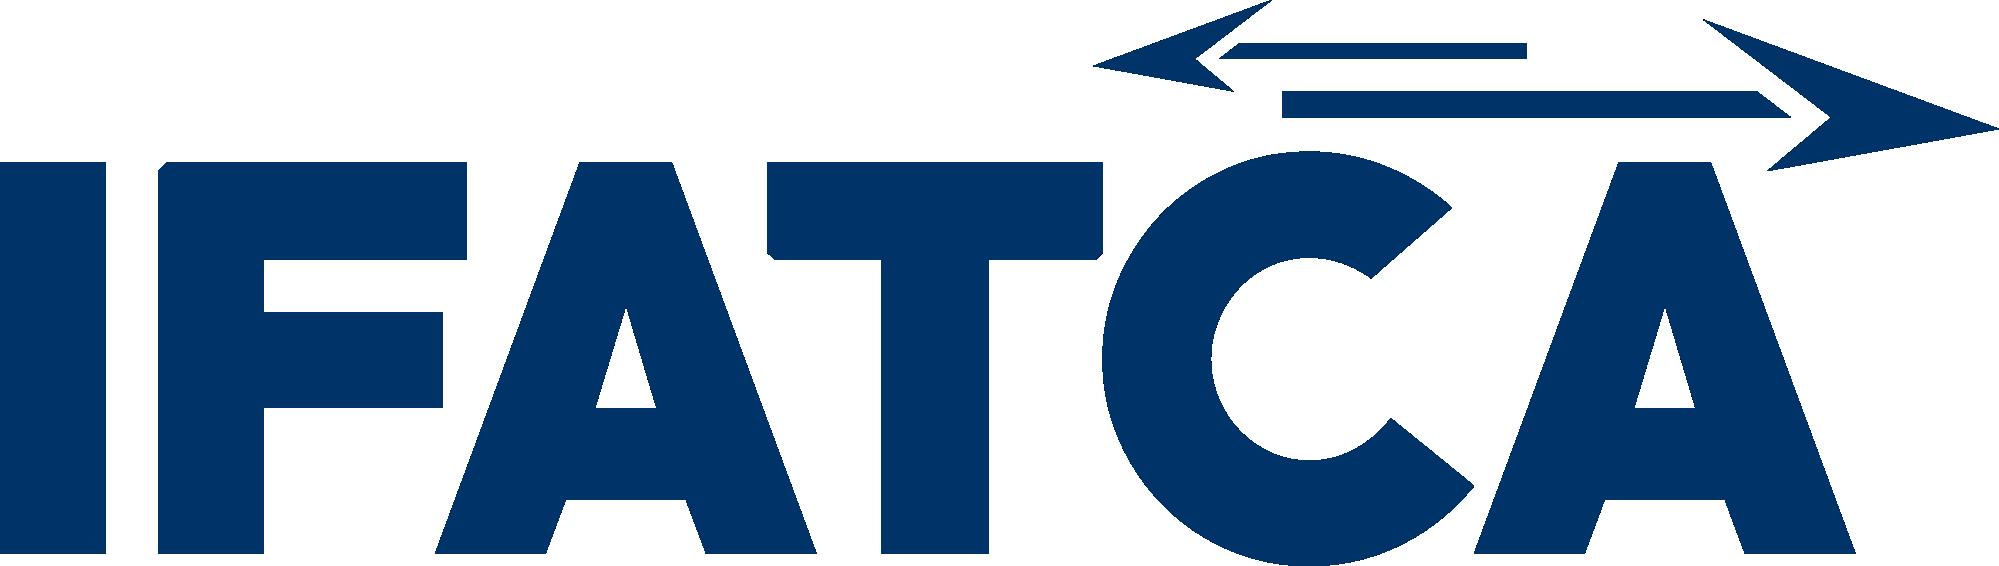 IFATCA призовава държавите да защитят предоставянето  на аеронавигационно обслужване